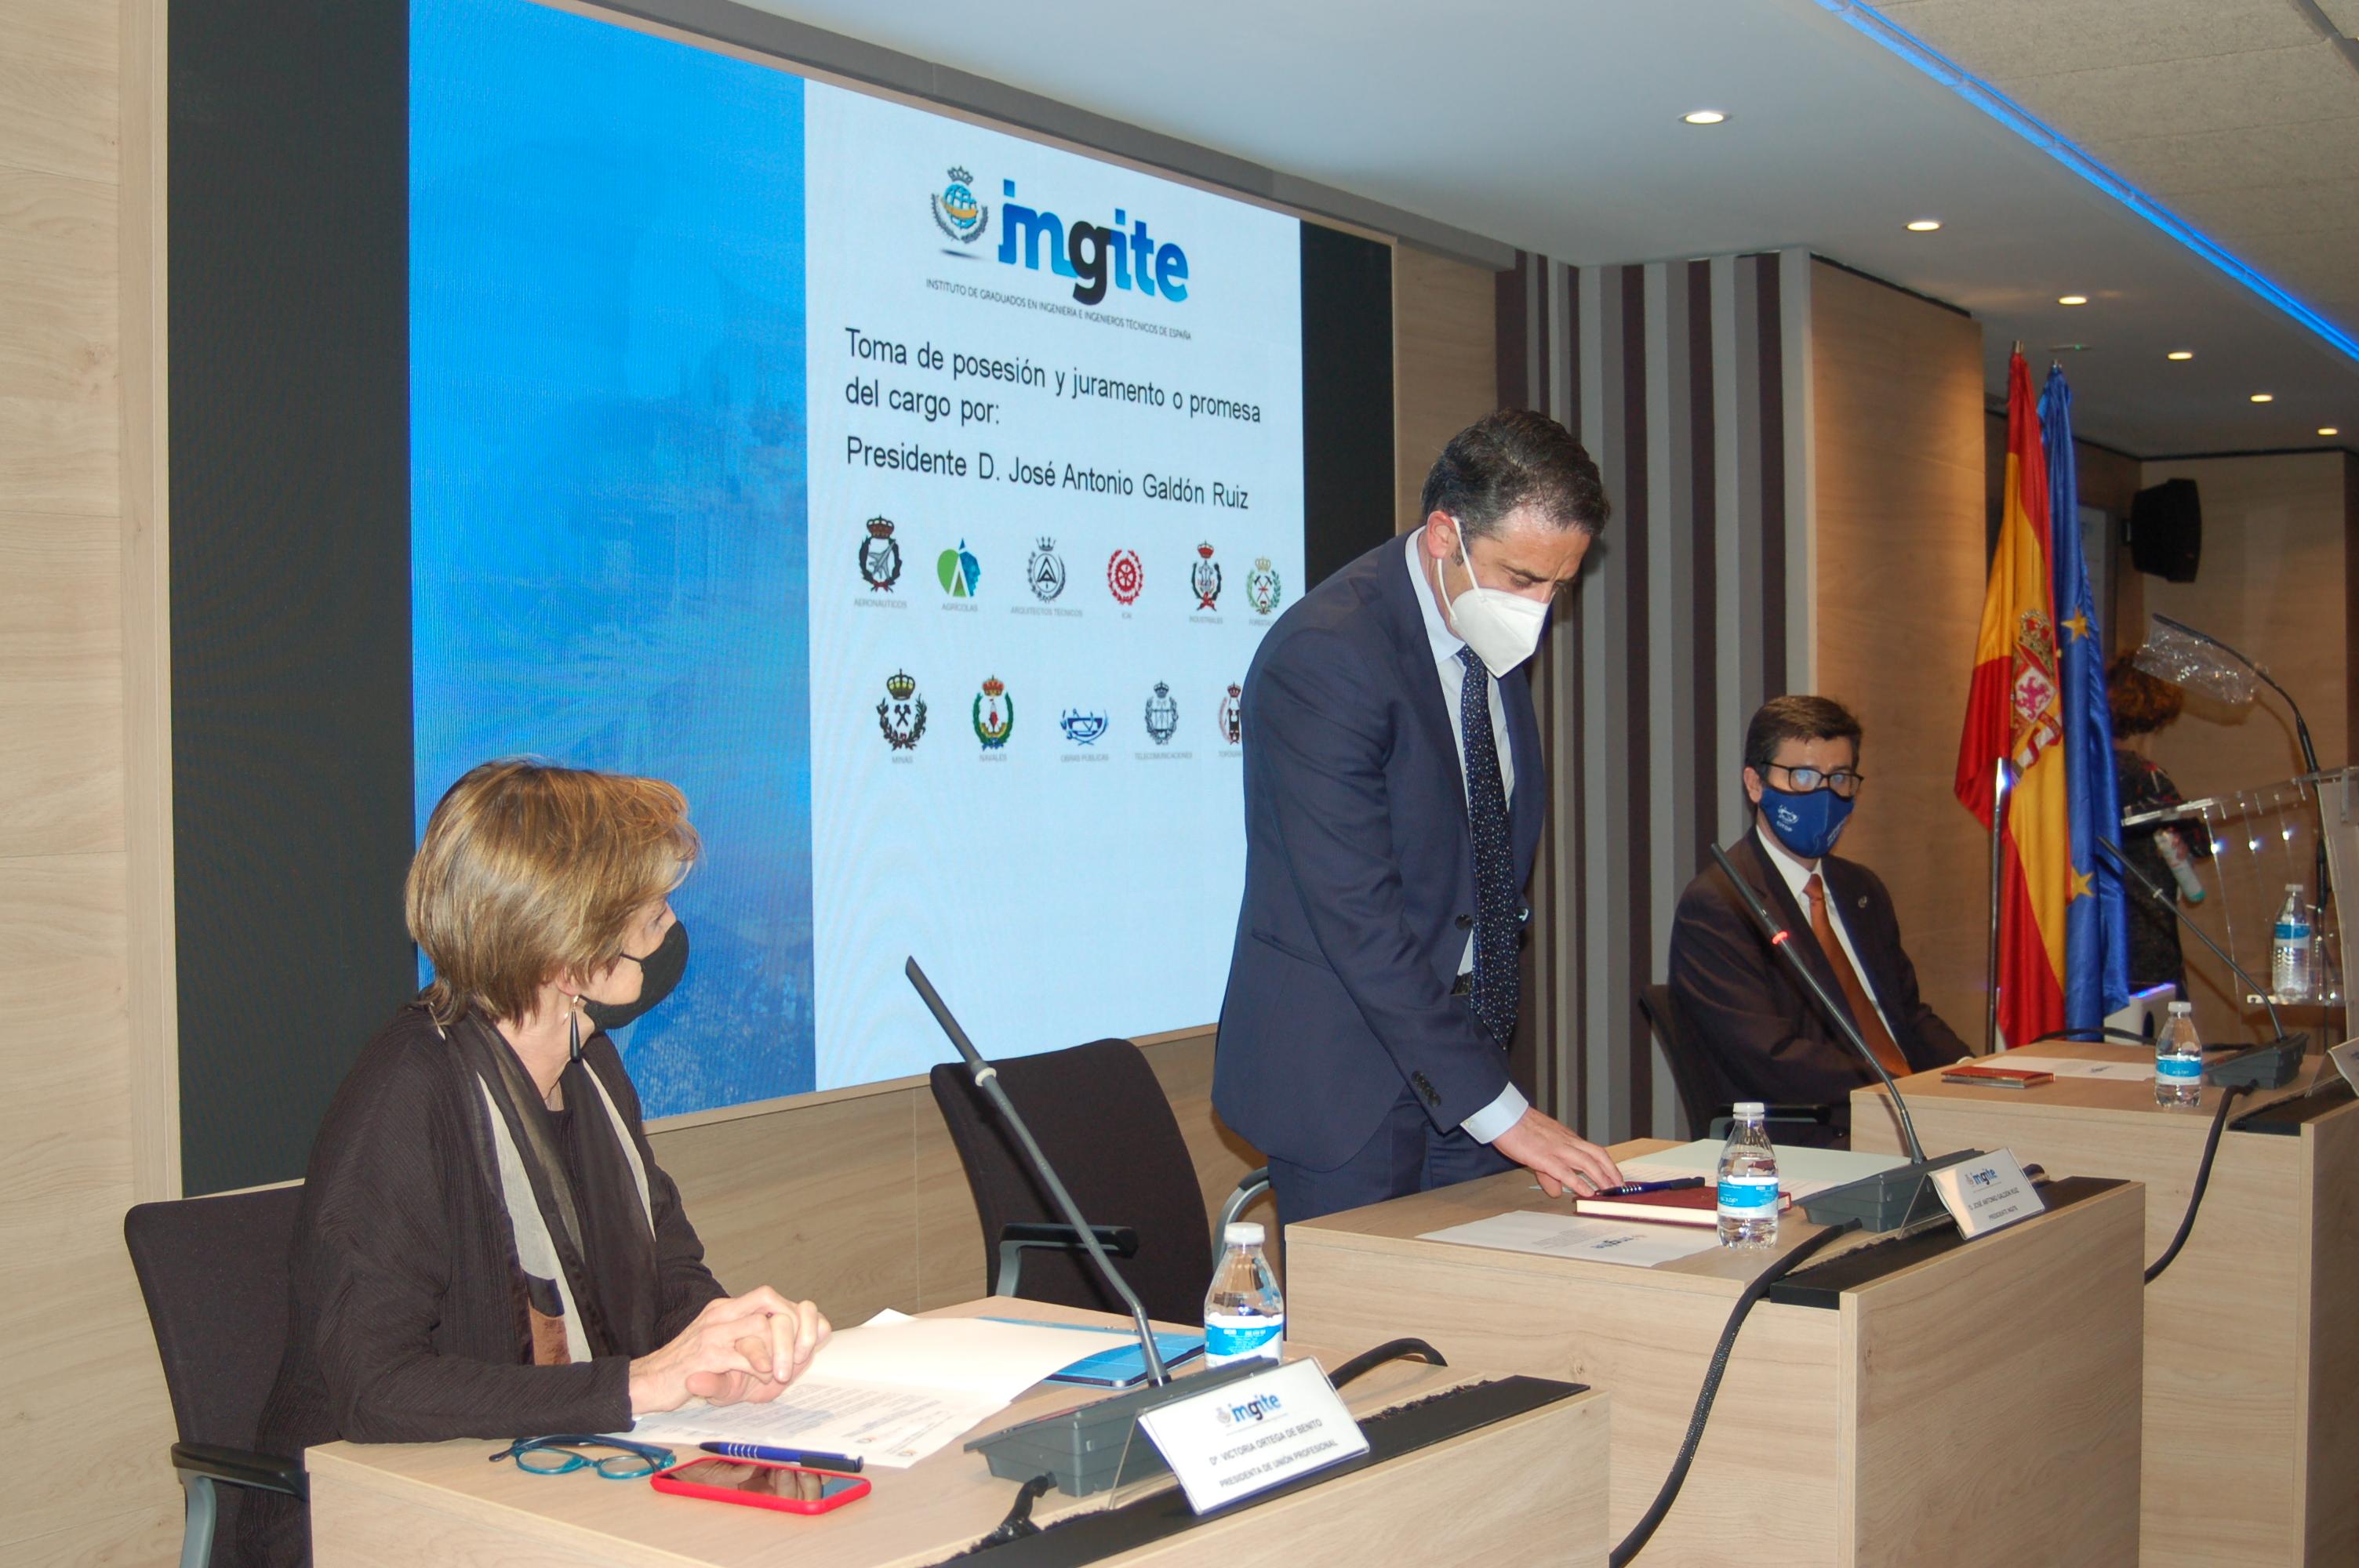 El Presidente de INGITE apuesta por un modelo en ingeniería competitivo y riguroso